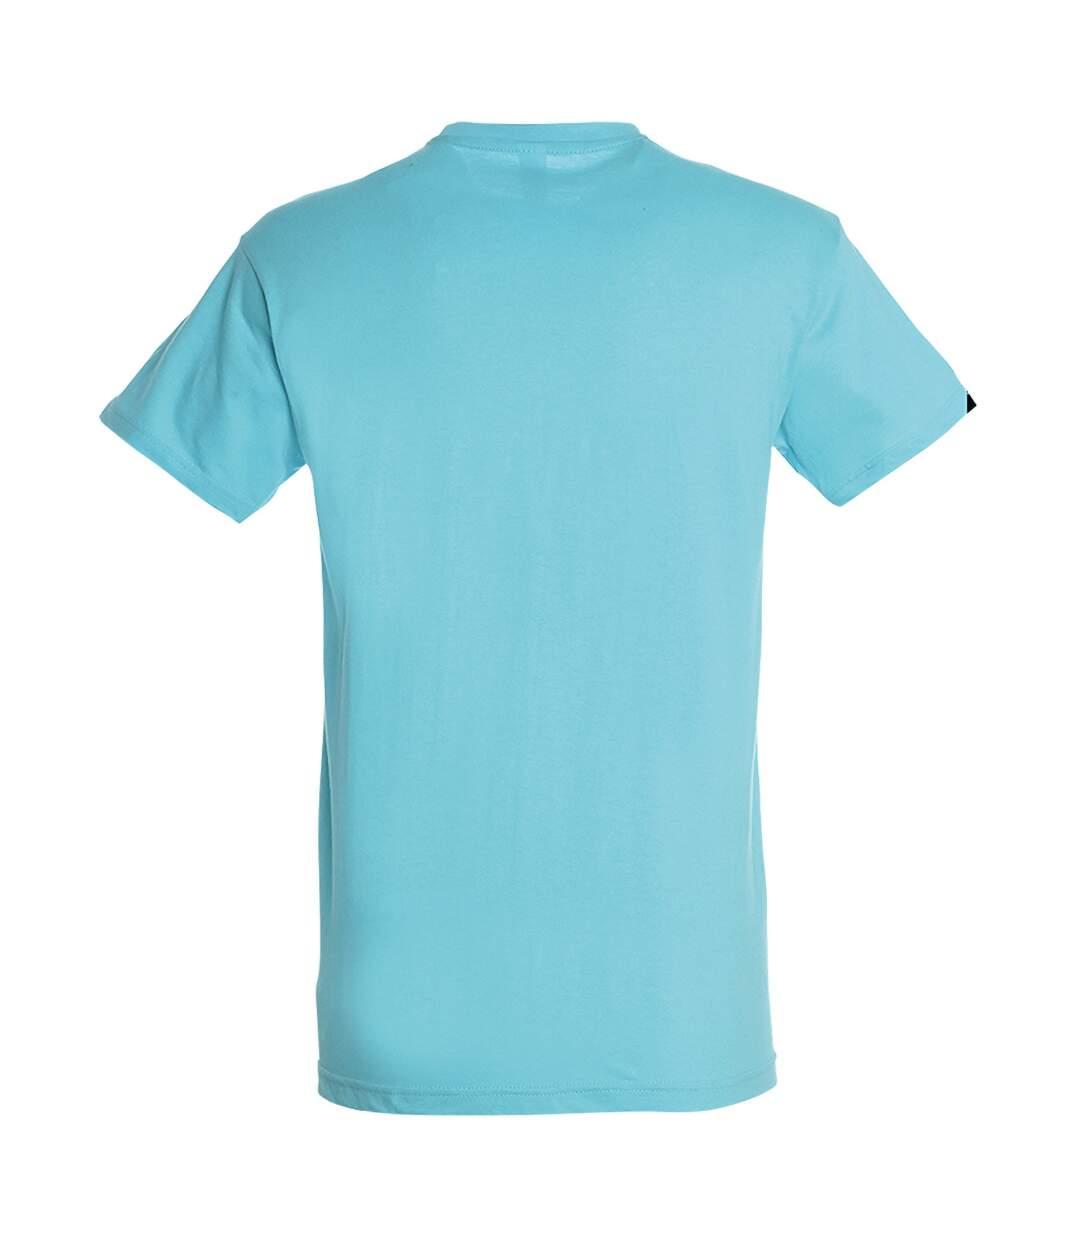 SOLS Mens Regent Short Sleeve T-Shirt (Aqua) - UTPC288